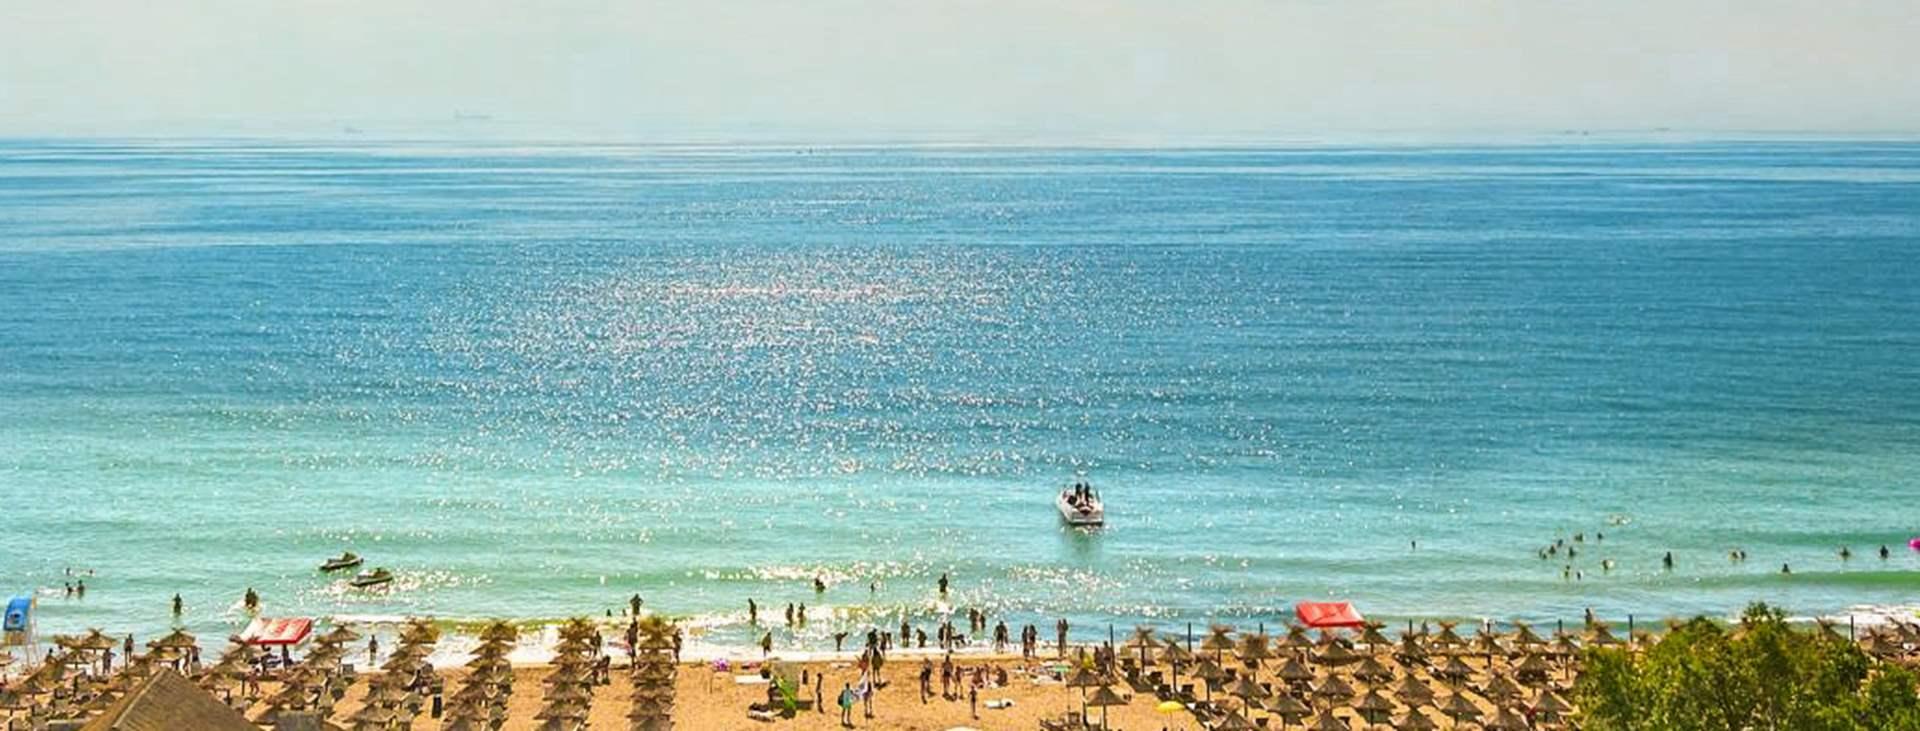 Boka en resa till Sunny Beach med Ving